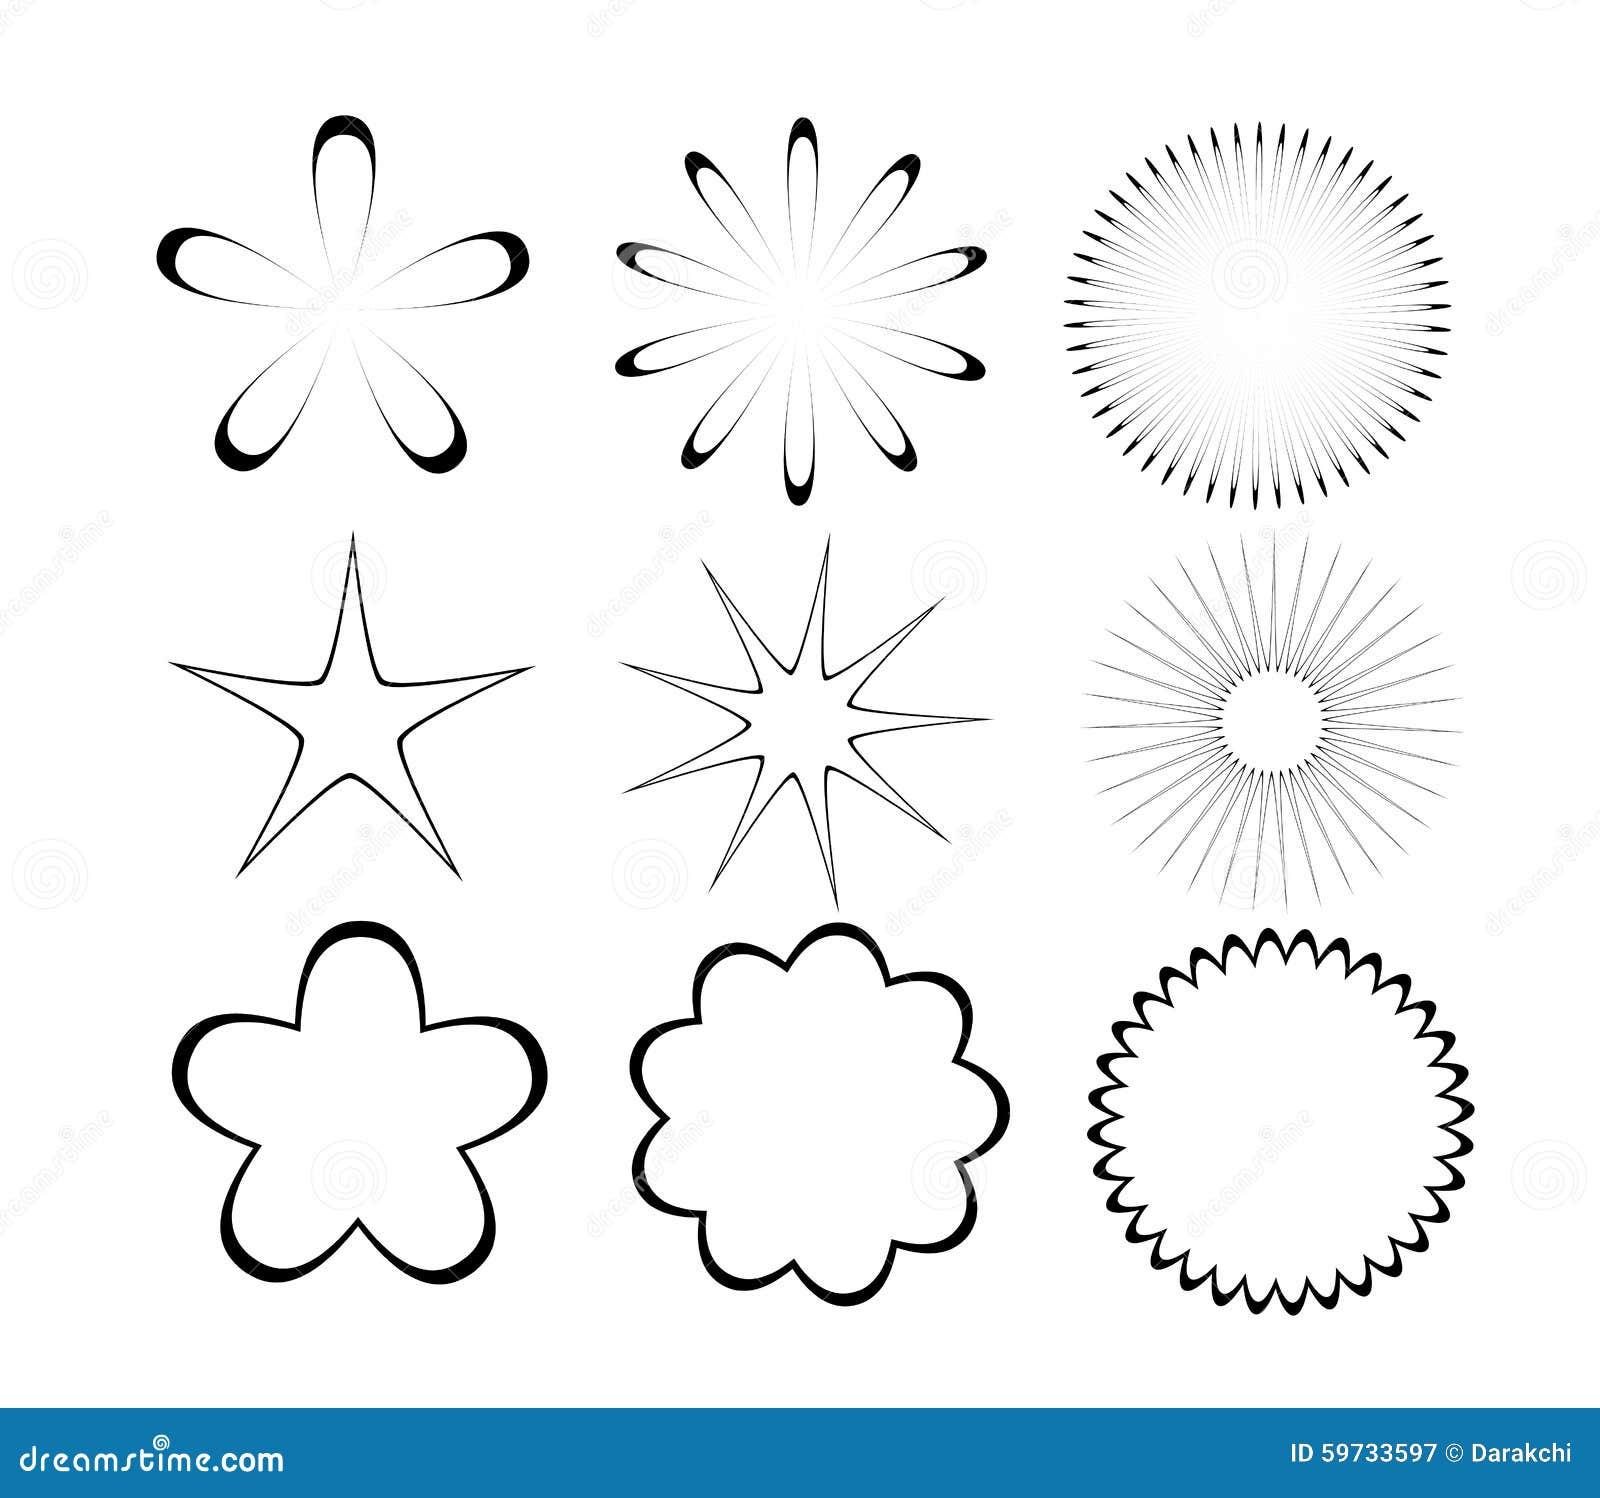 disegni per bambini da colorare e ritagliare